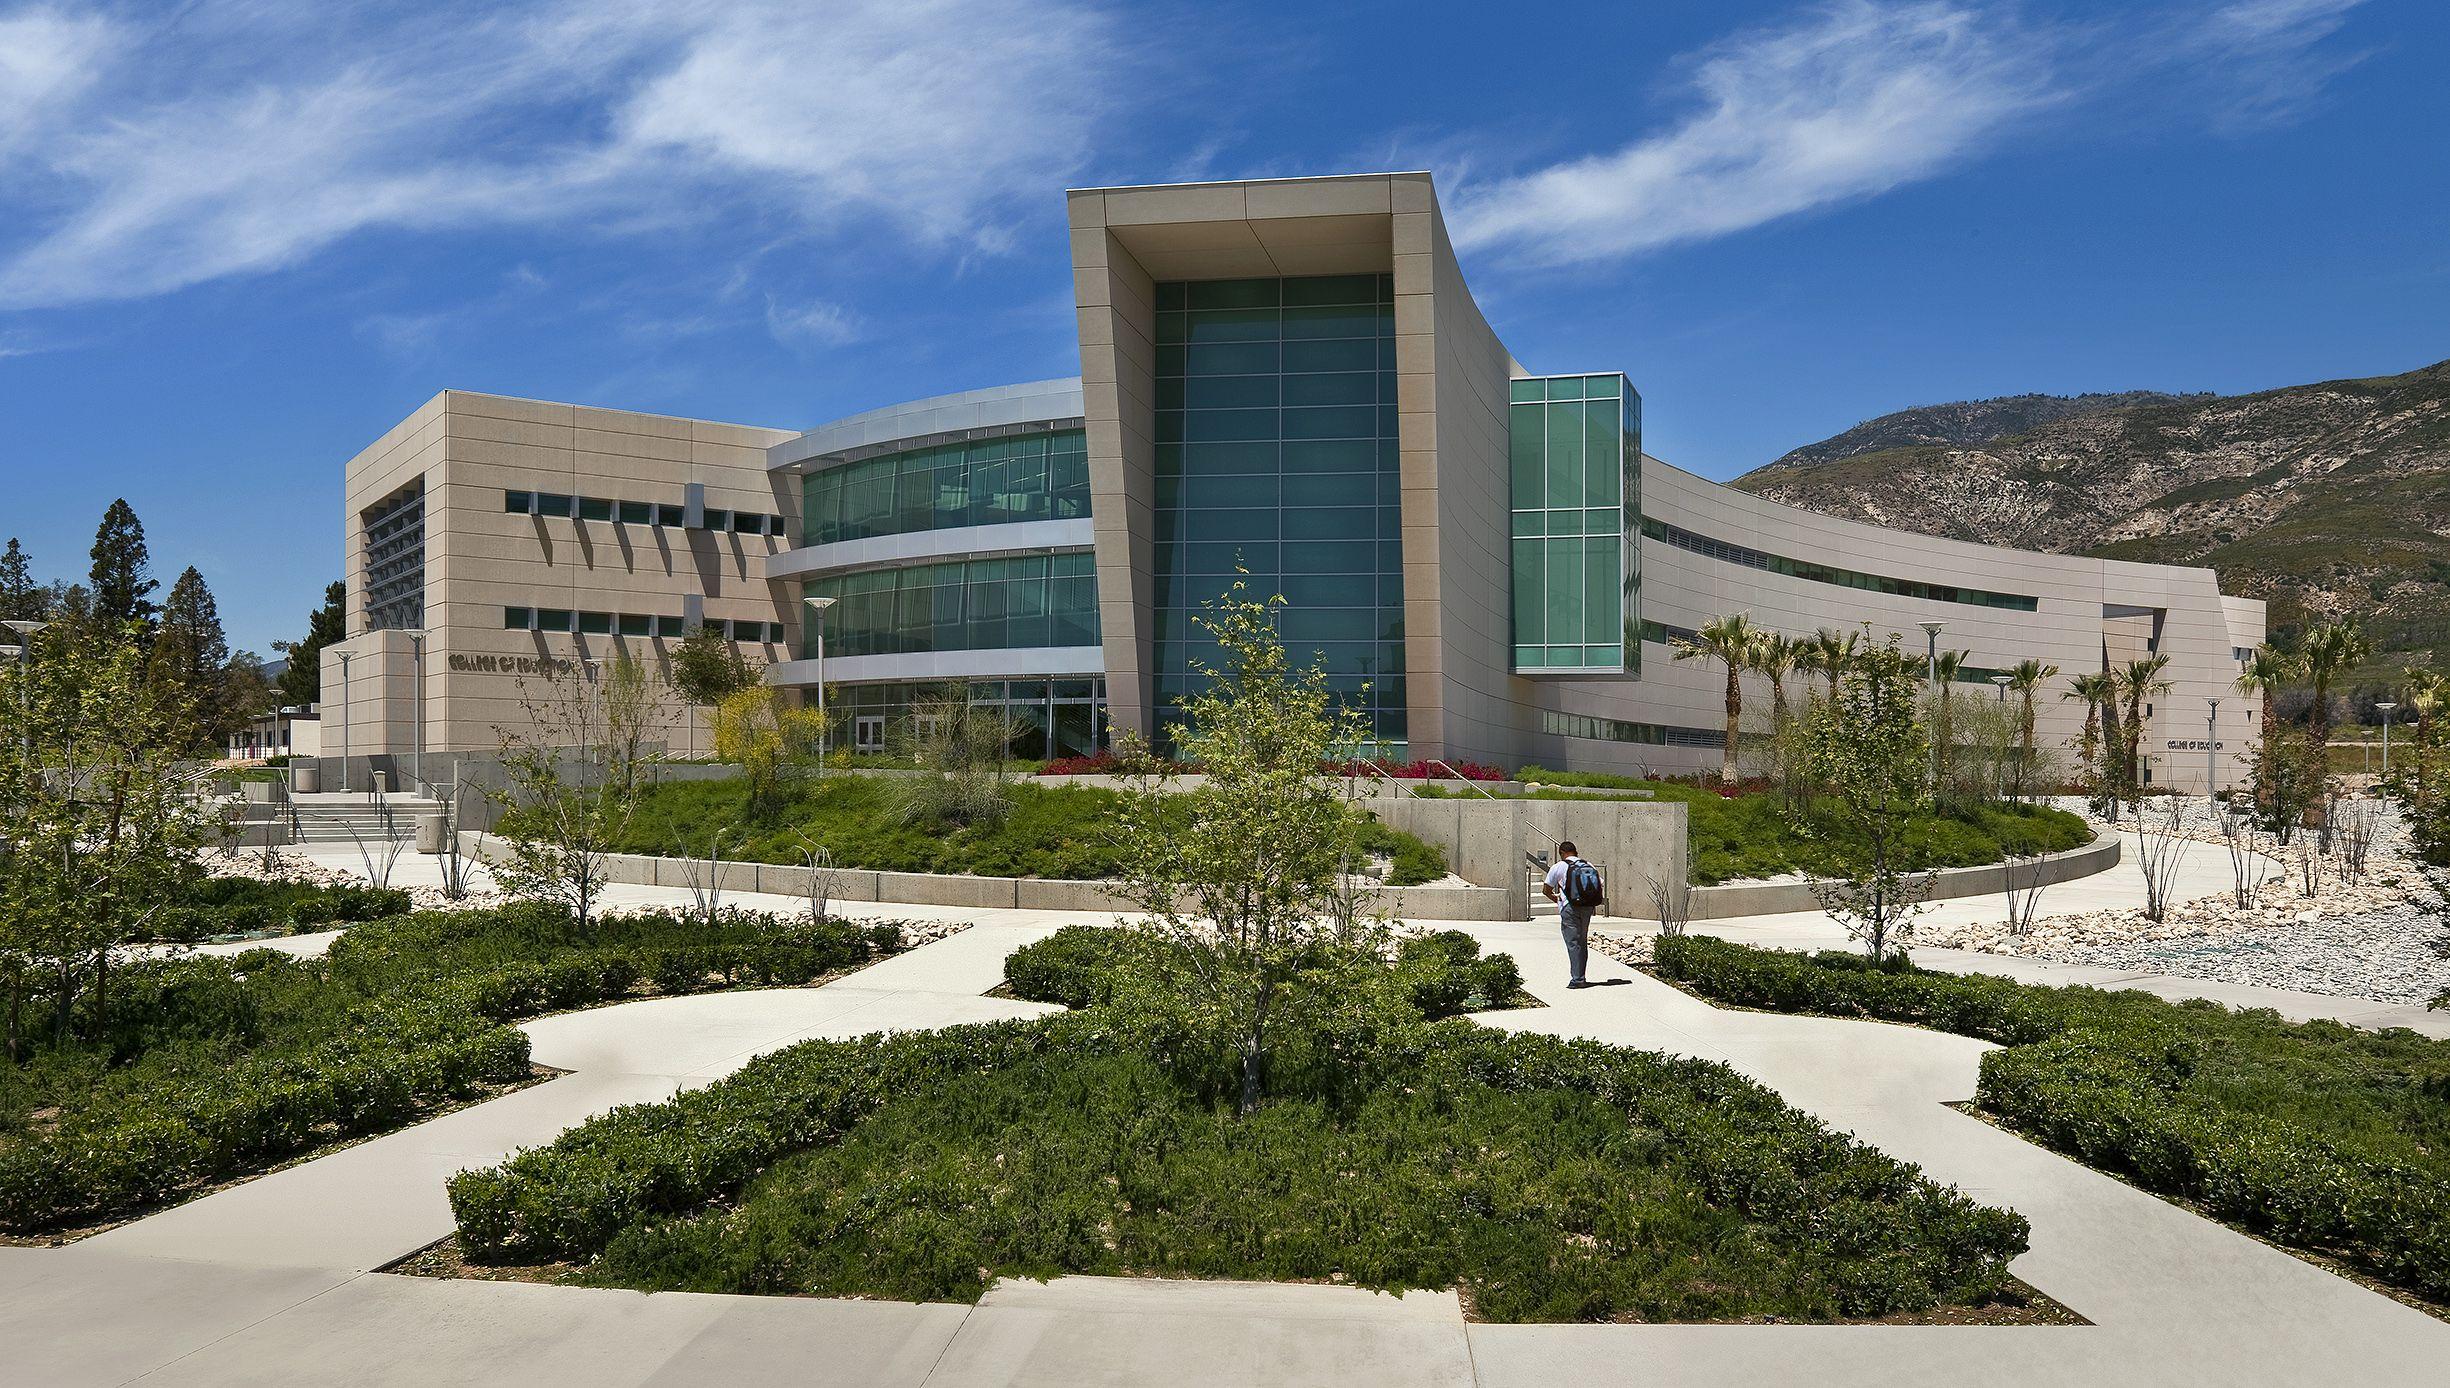 Csu San Bernardino College Of Education Lpa Inc California State University San Bernardino San Bernardino Education